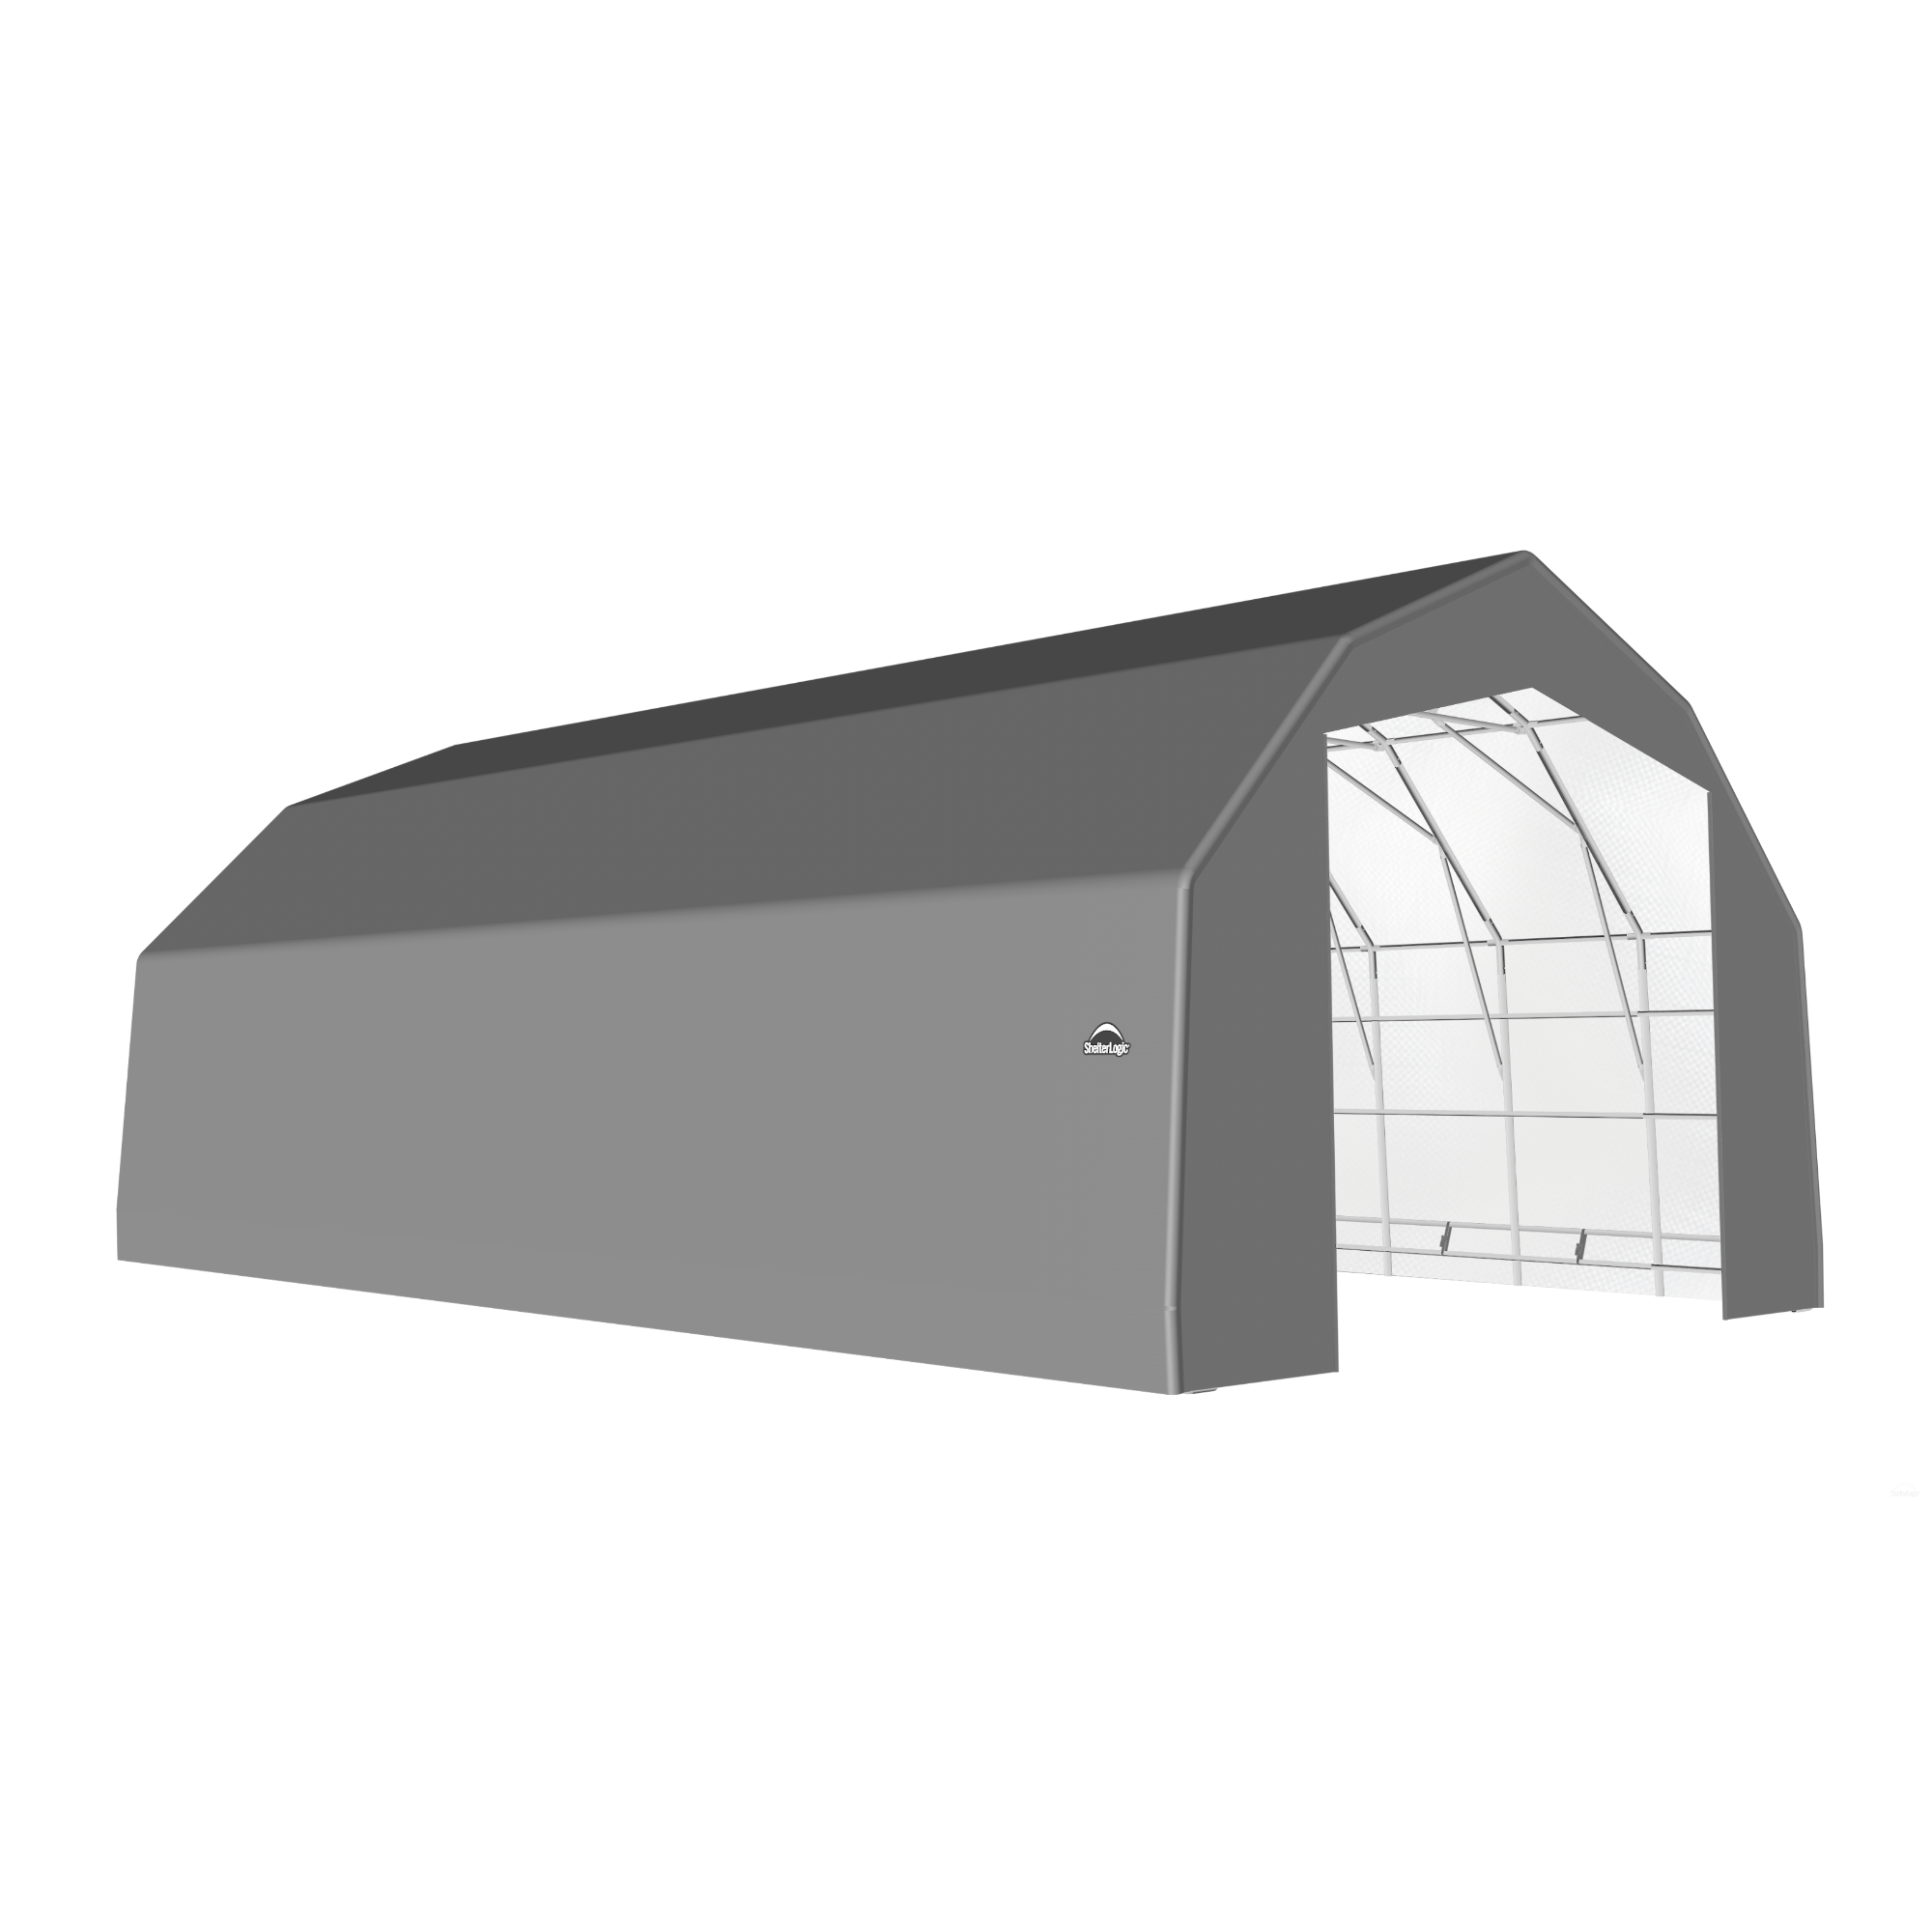 SP Barn 25X48X17 Gray 14 oz PE Shelter